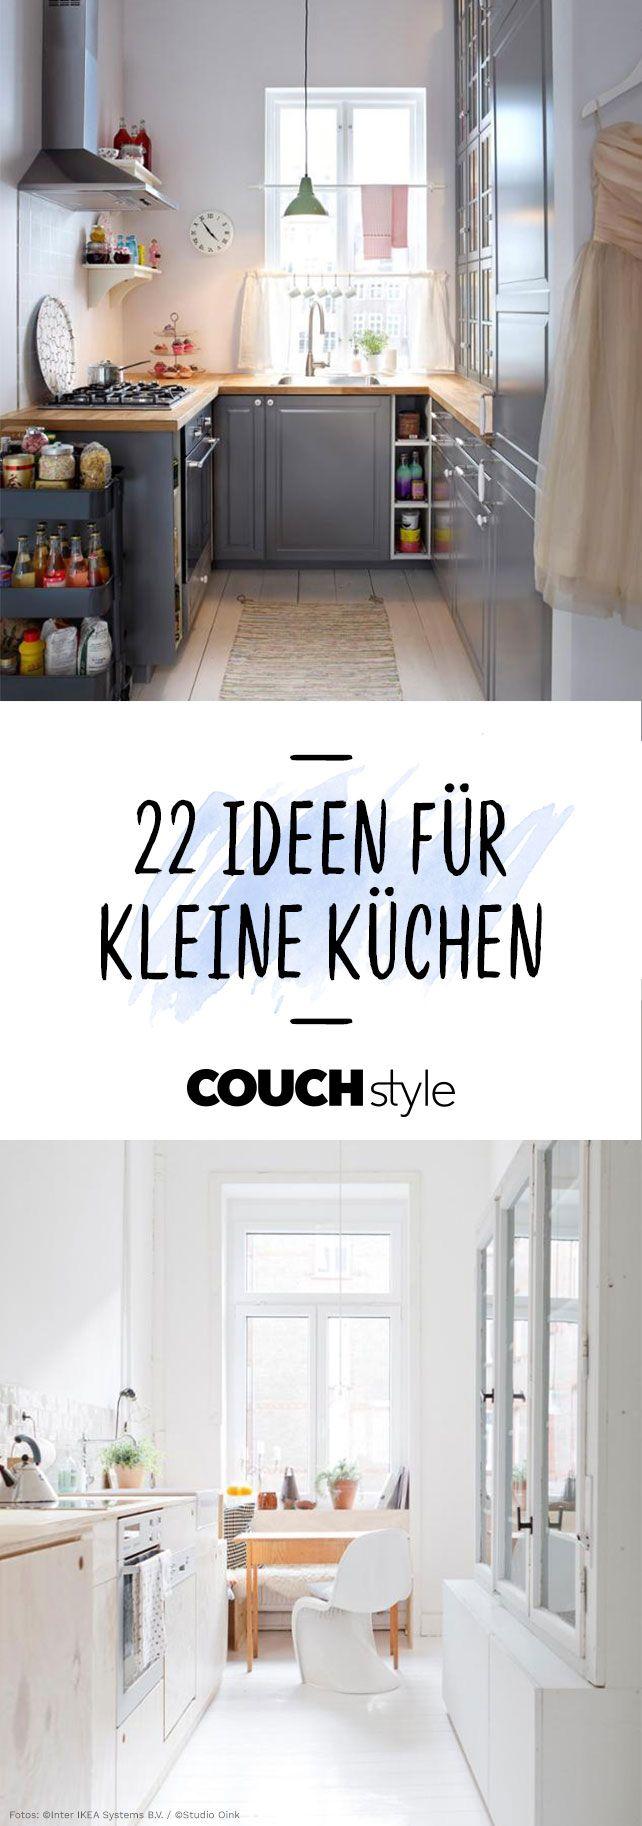 Photo of Kleine Küchen größer machen: So geht's!